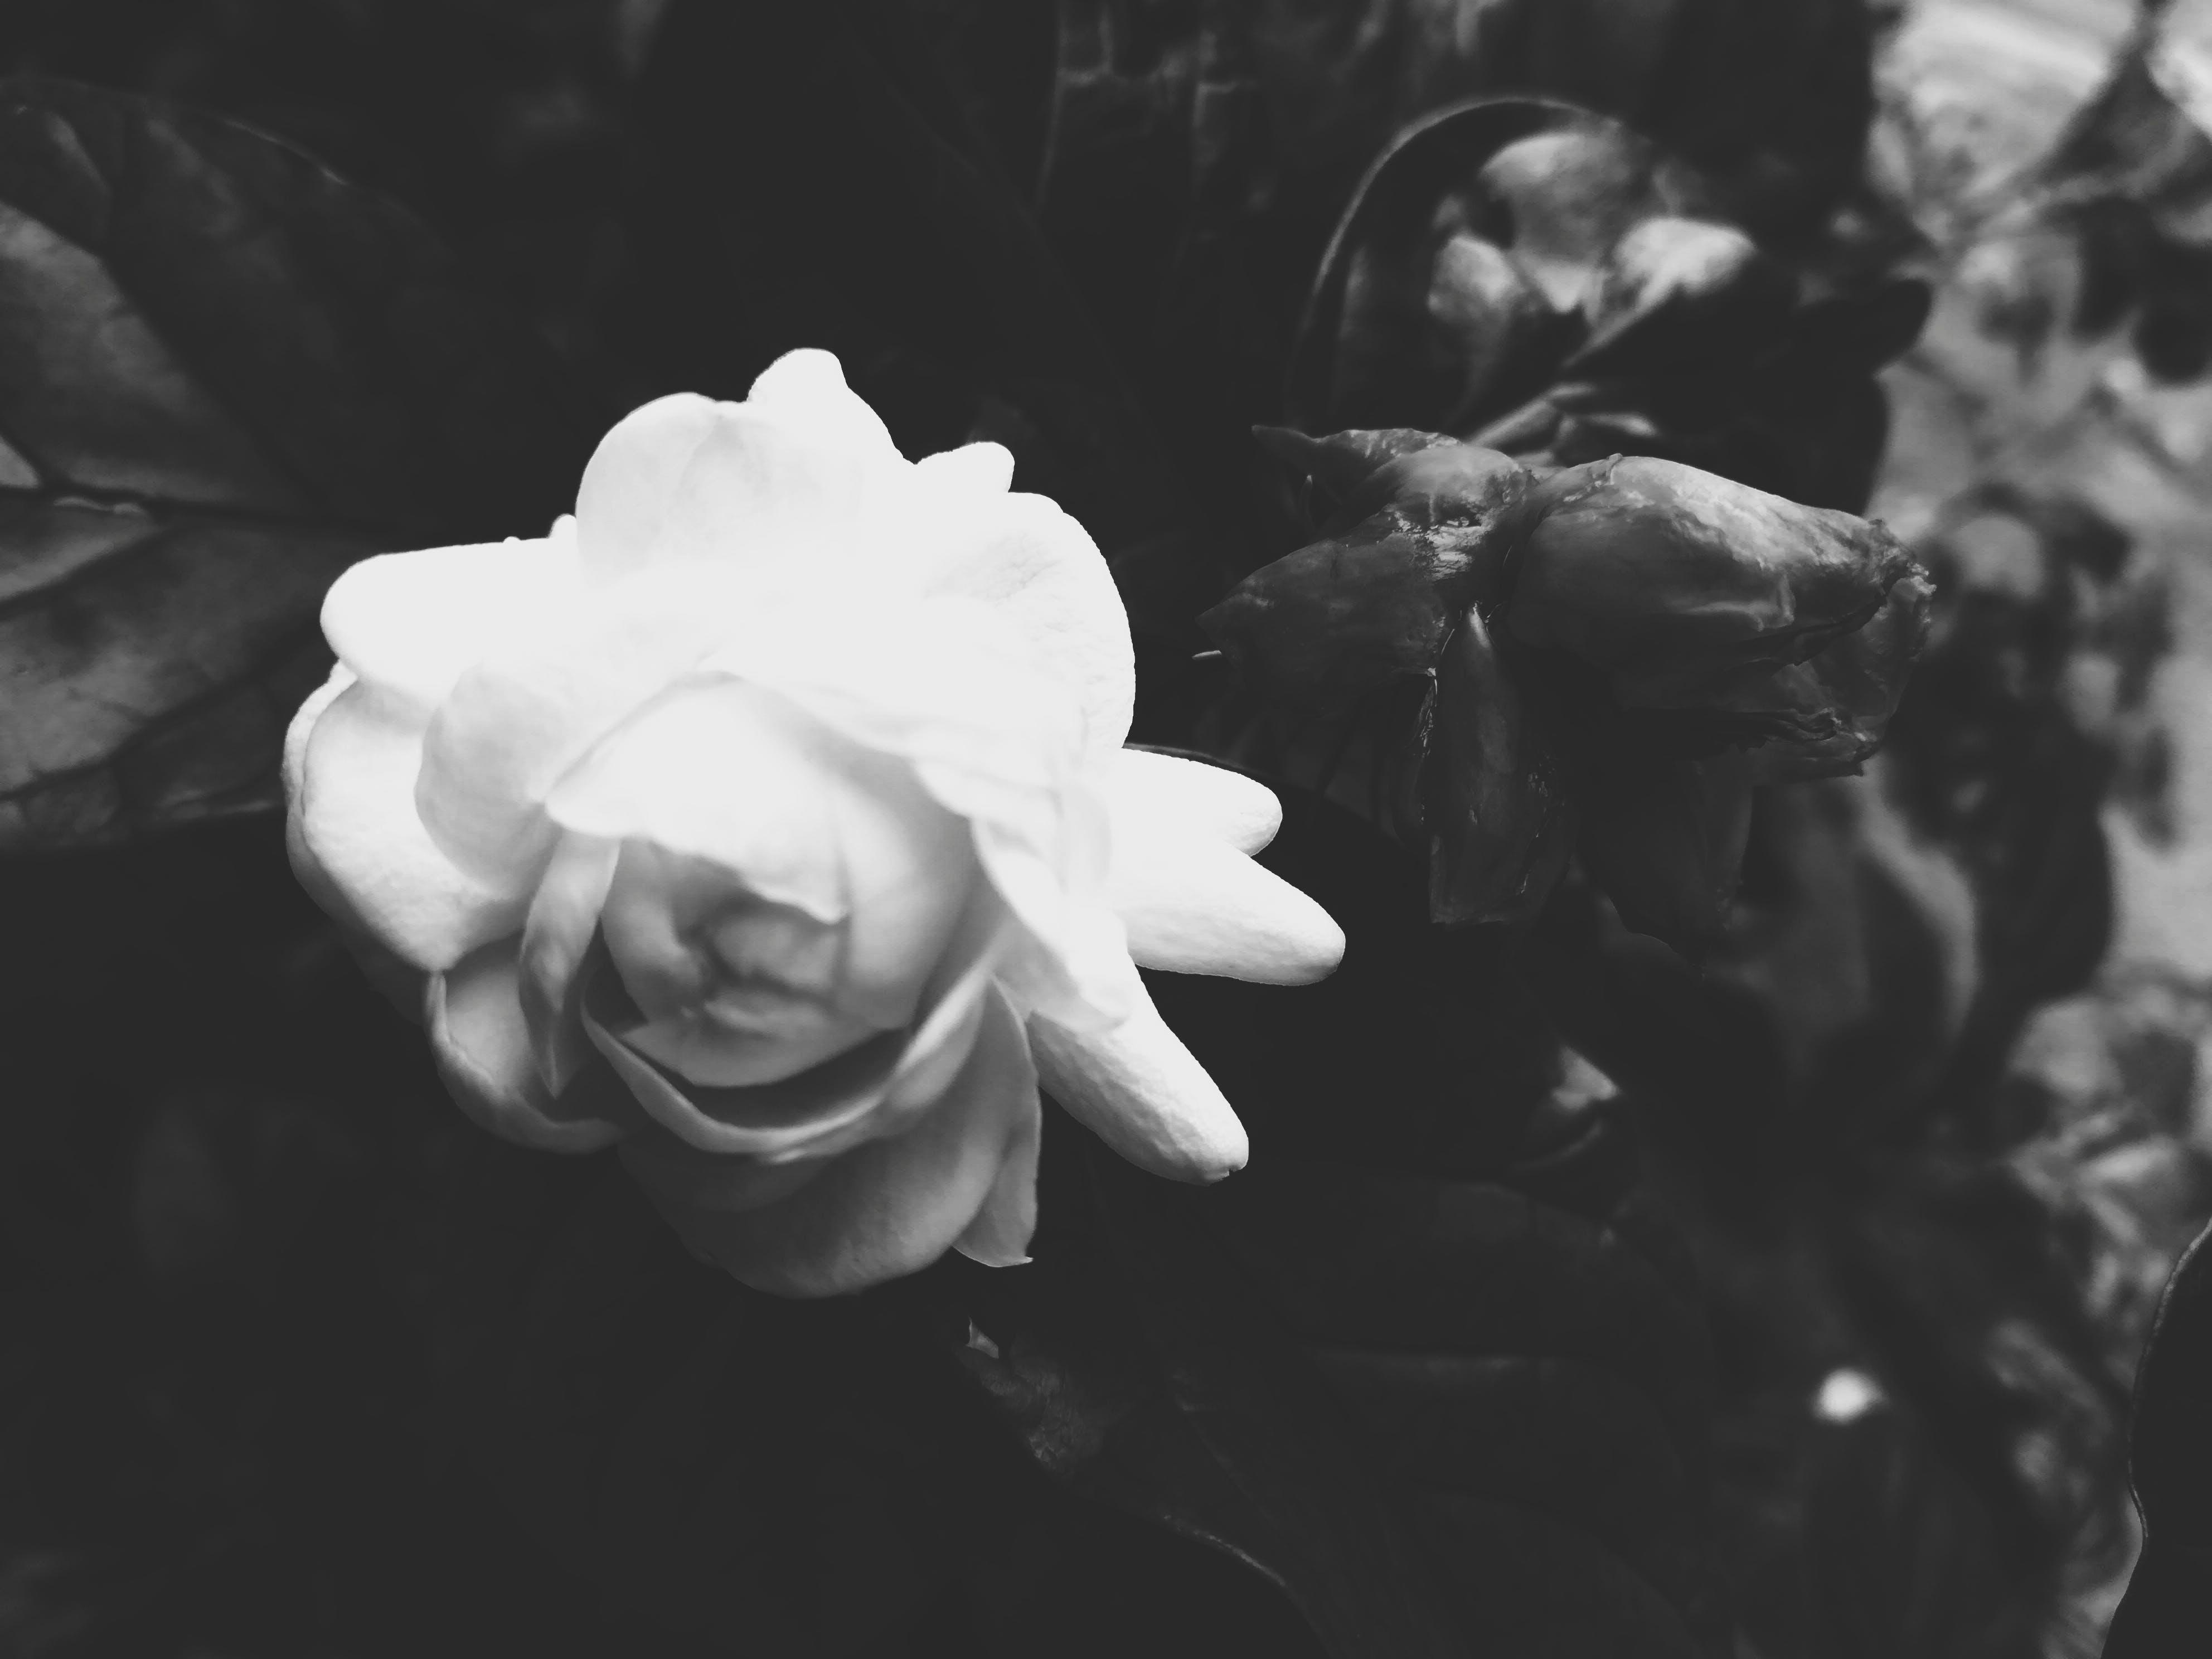 Kostenloses Stock Foto zu blühen, blumen, einfarbig, getrockneten blüten